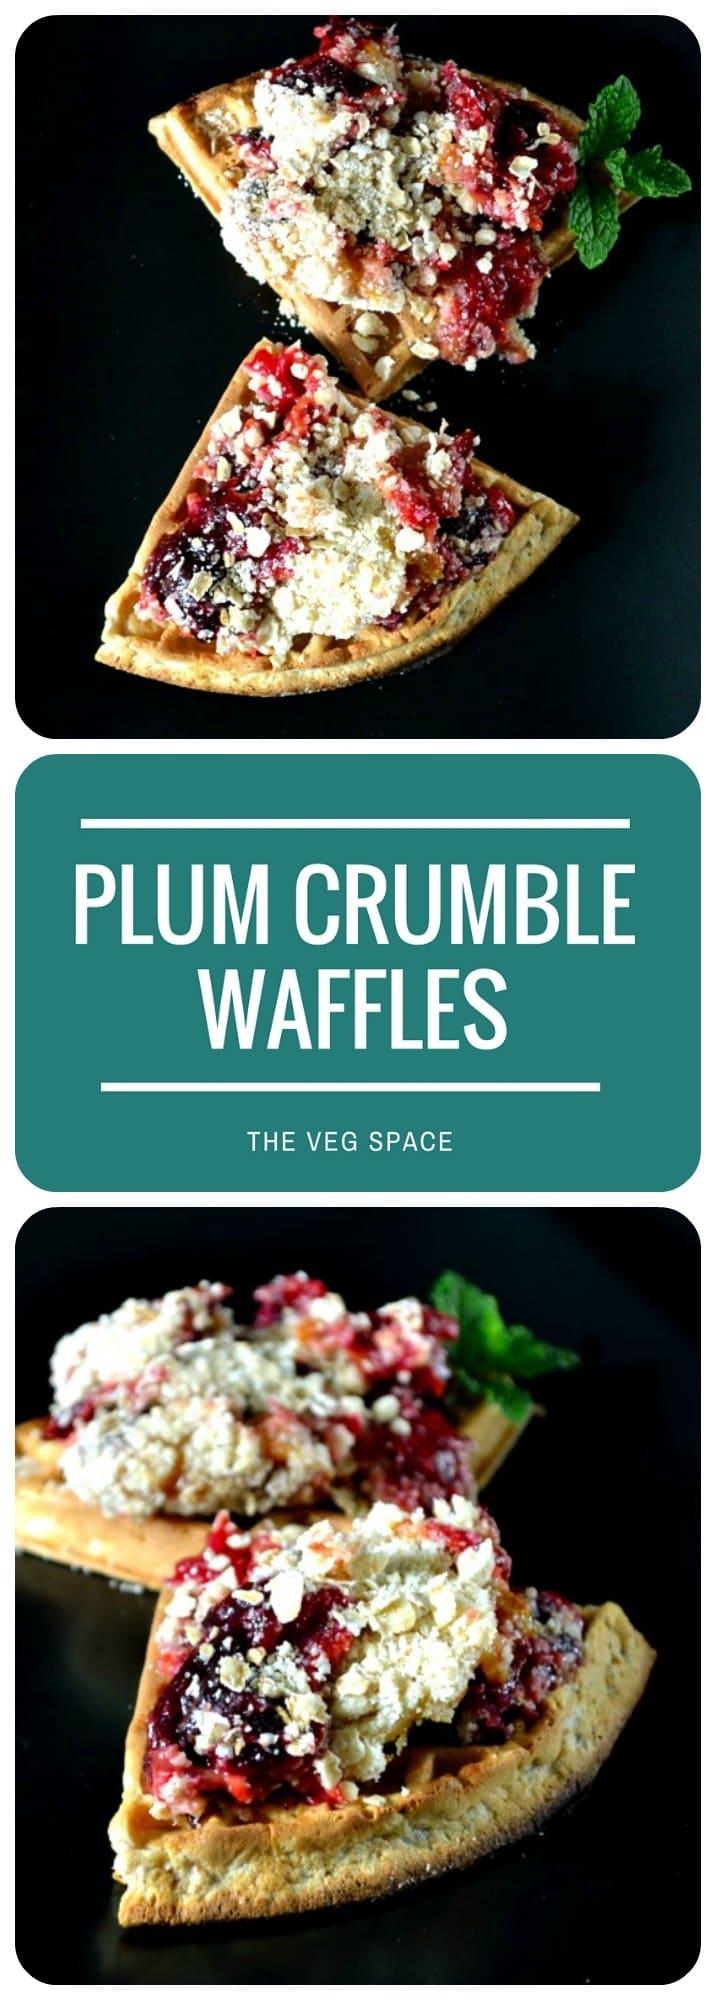 Plum Crumble Waffles